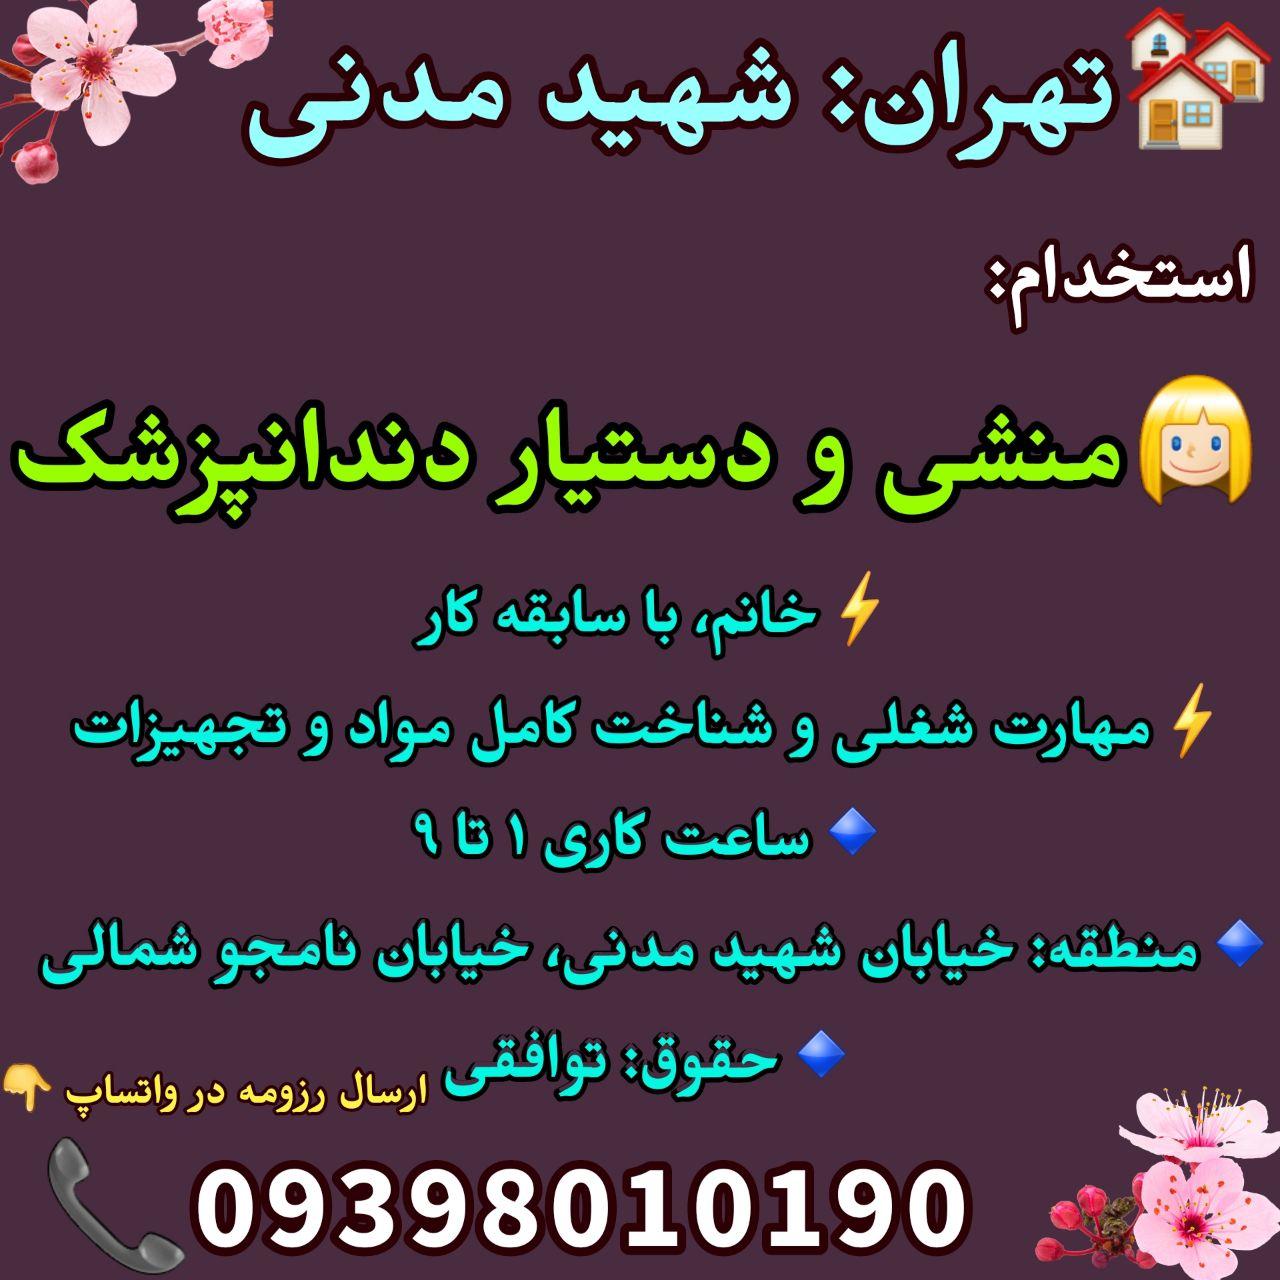 تهران: شهید مدنی